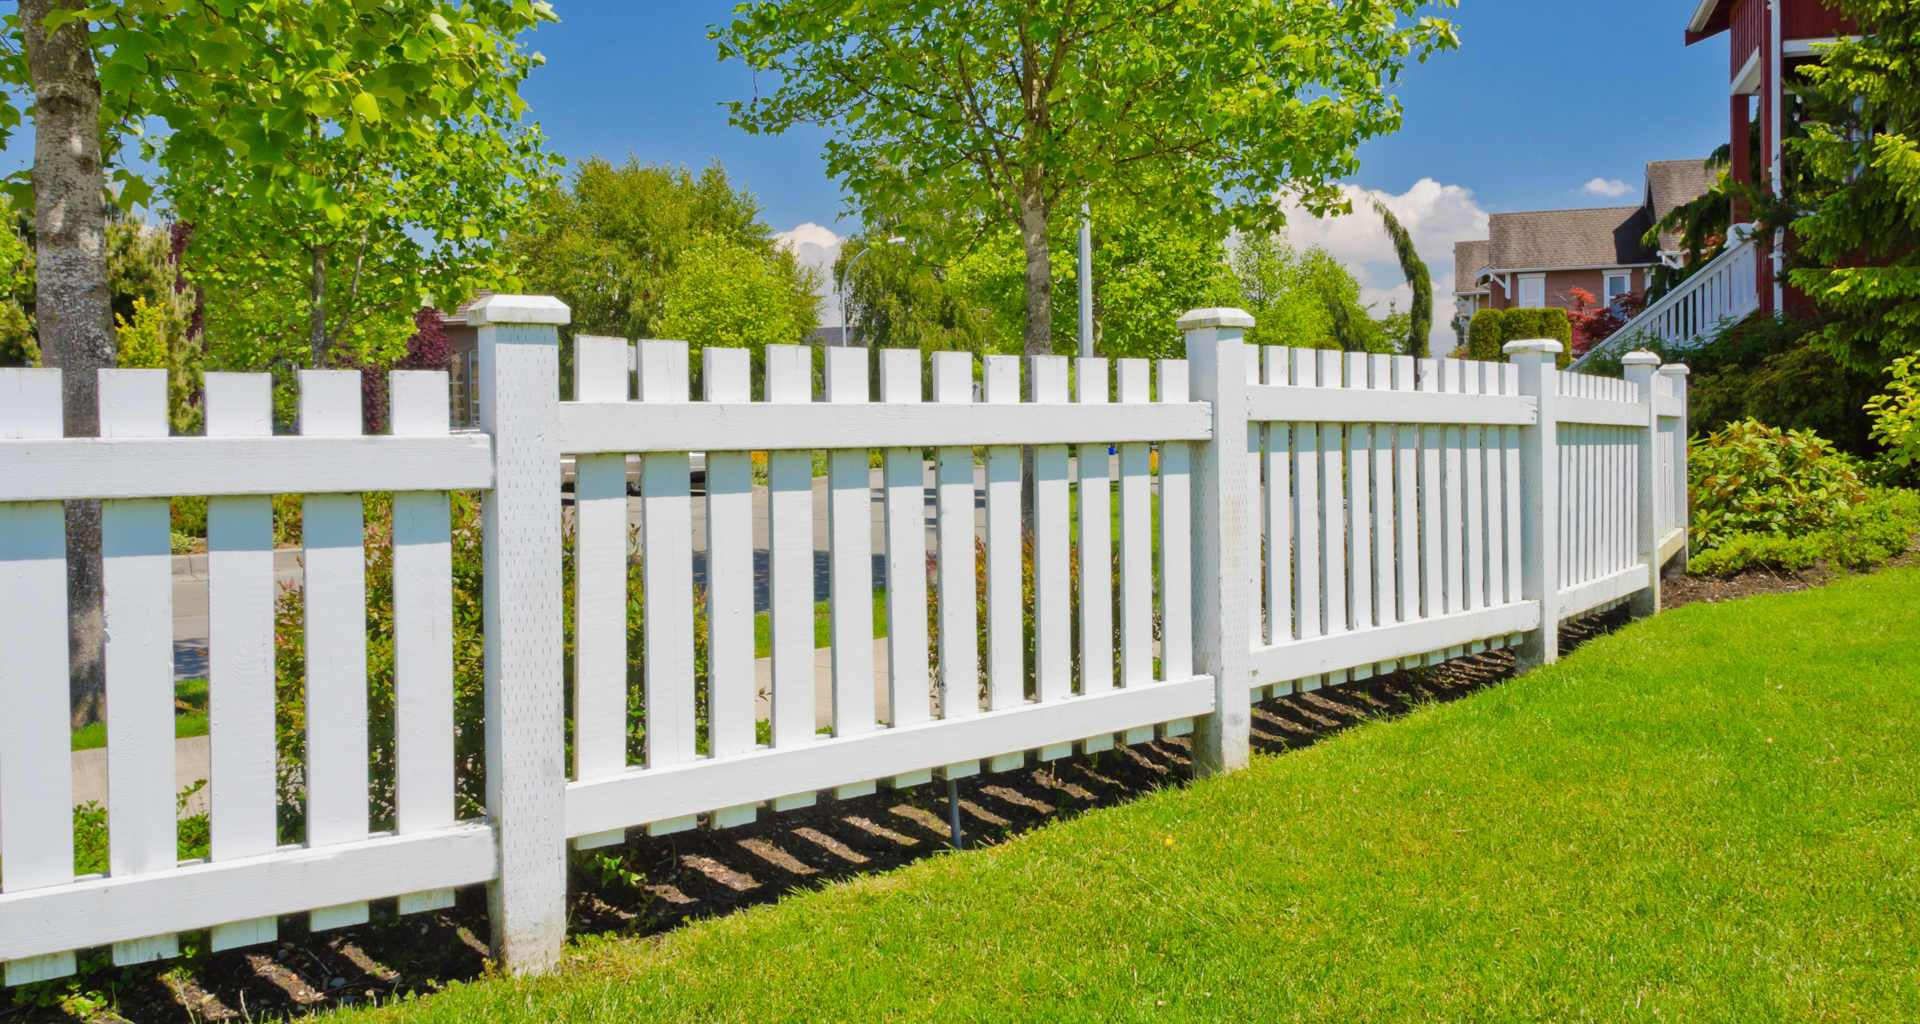 Potrebujete ograjo? Pomagali vam bomo najti pravega strokovnjaka za vašo ograjo